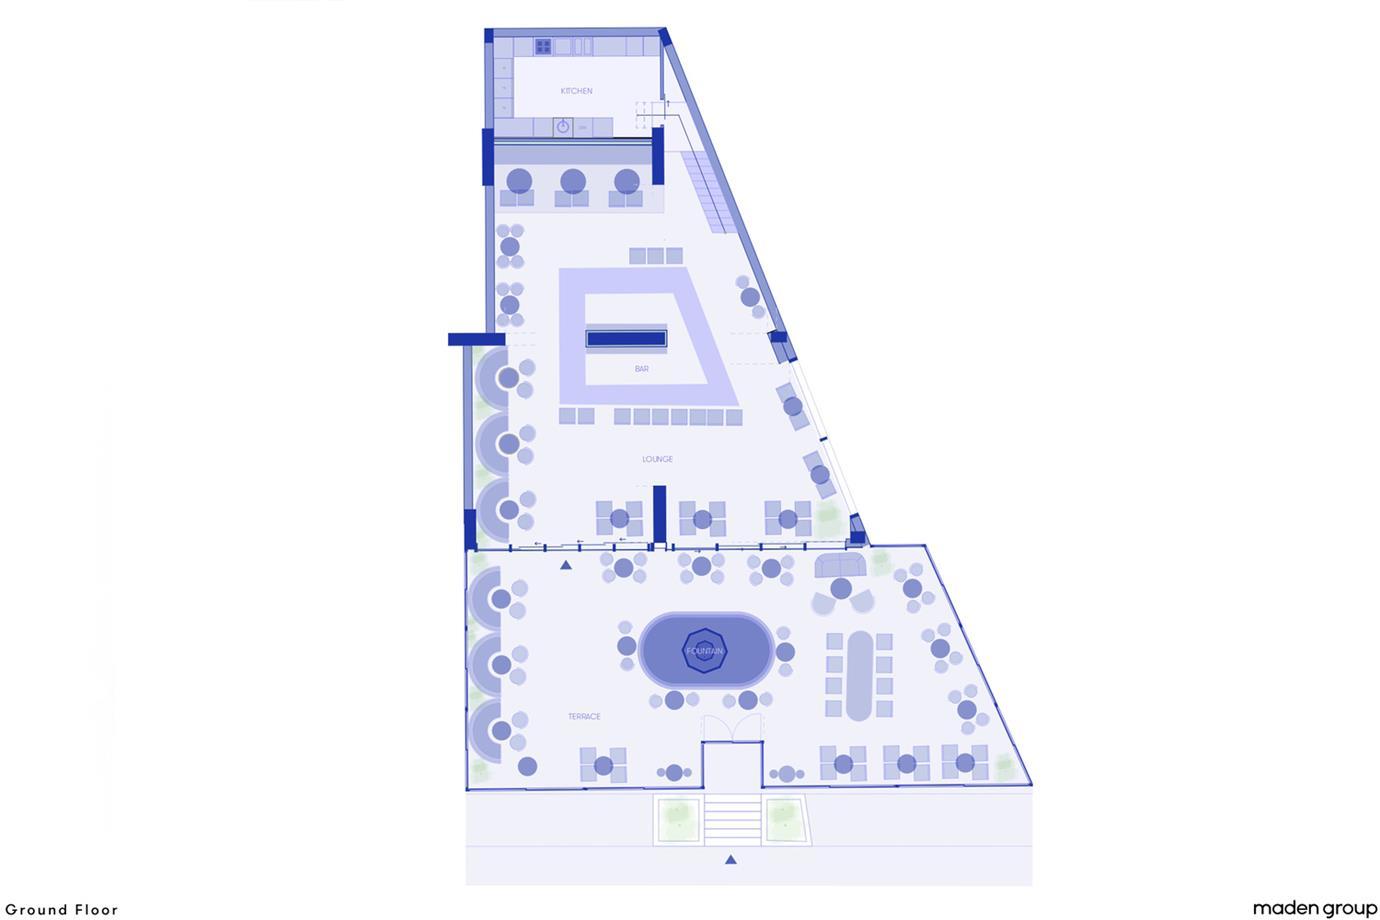 酒吧平面方案设计